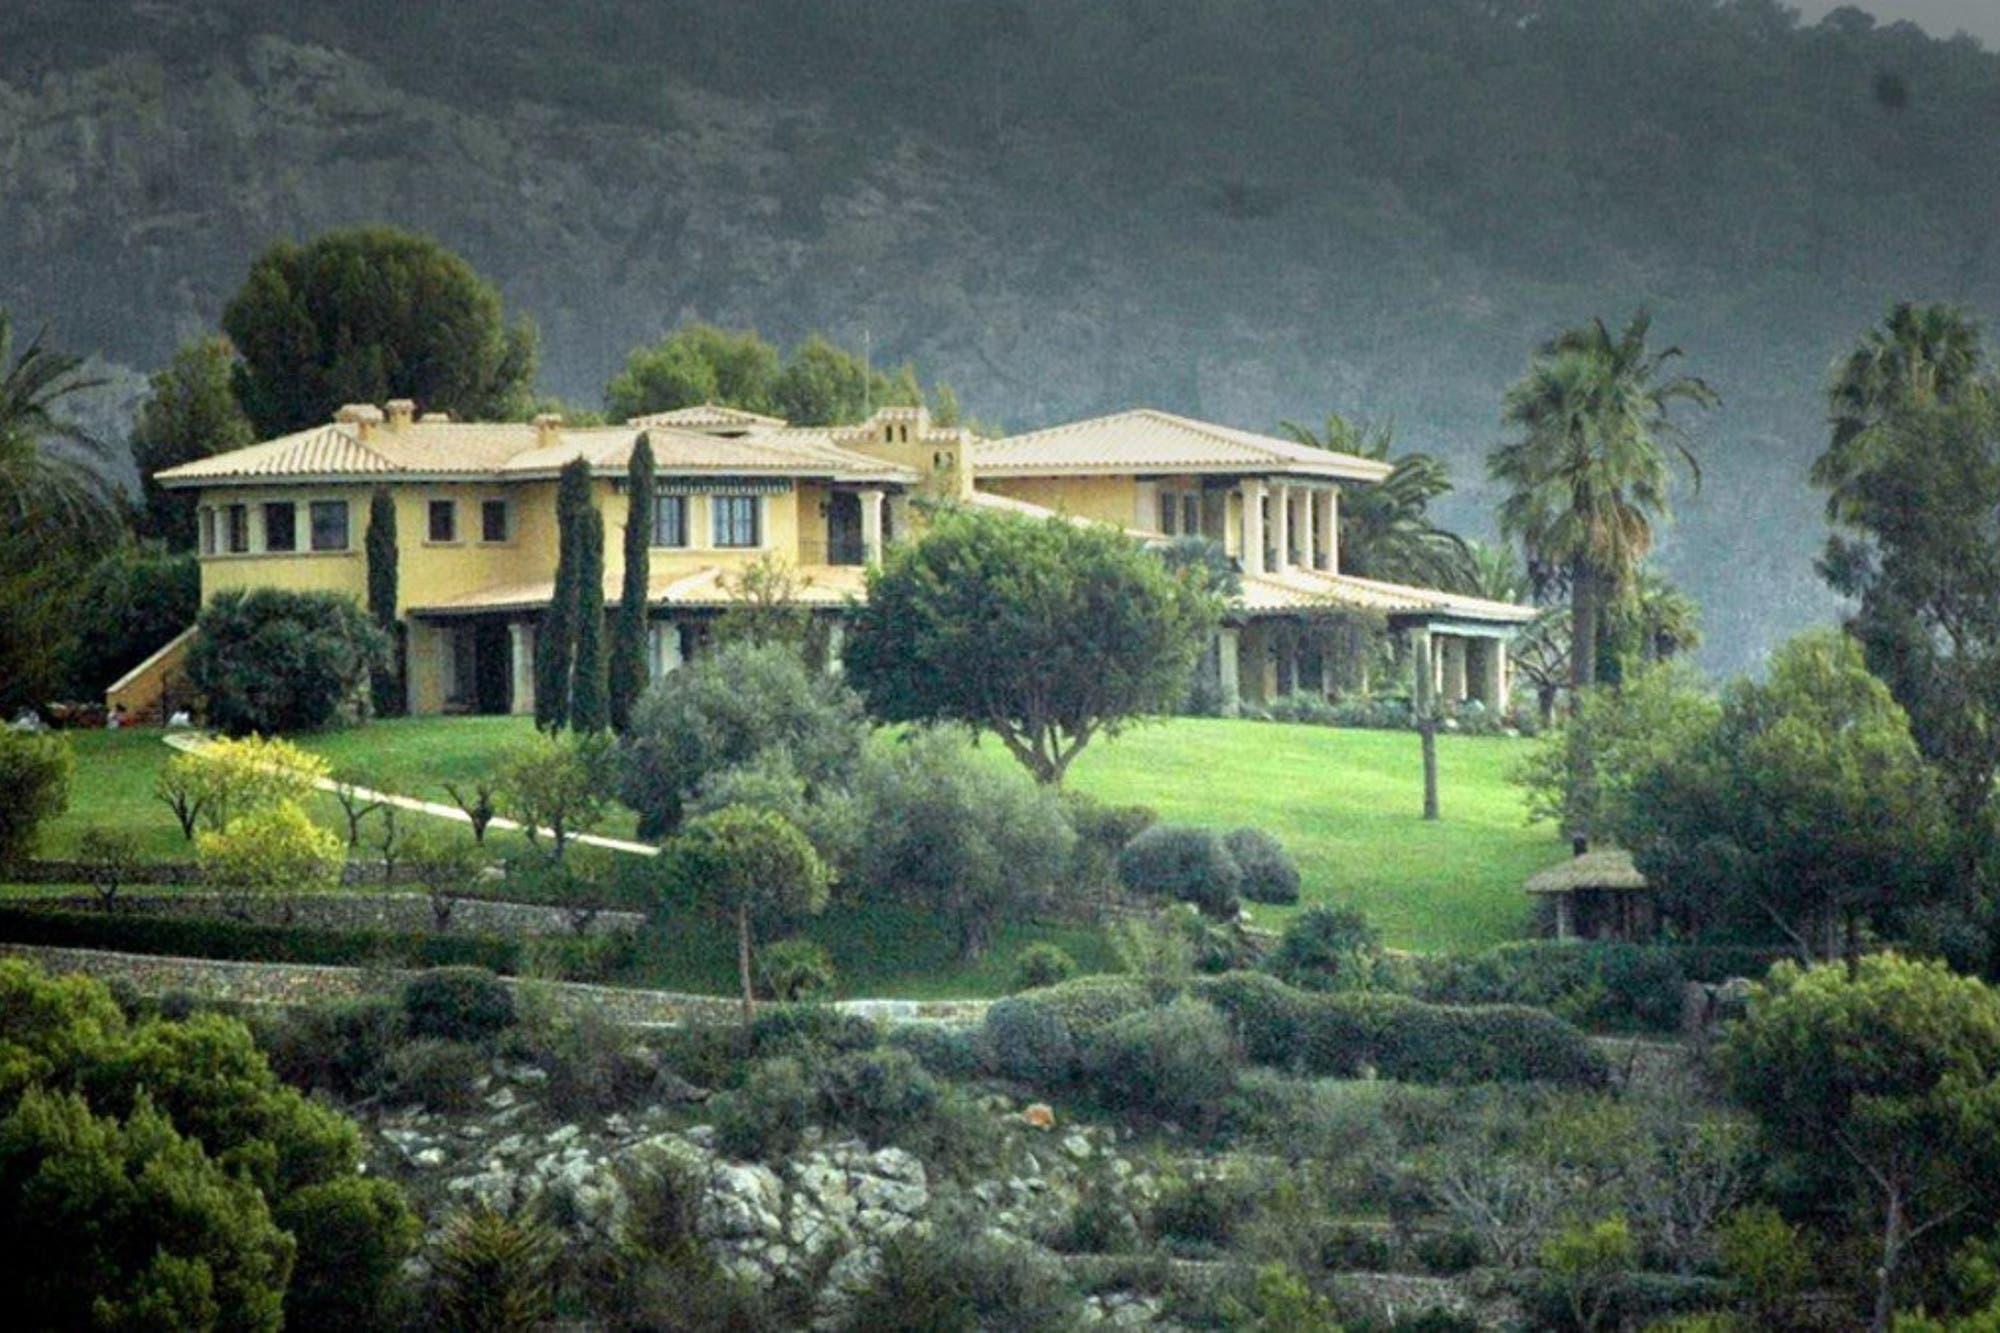 La descomunal mansión en Mallorca donde Michael Schumacher estaría viviendo junto a su familia